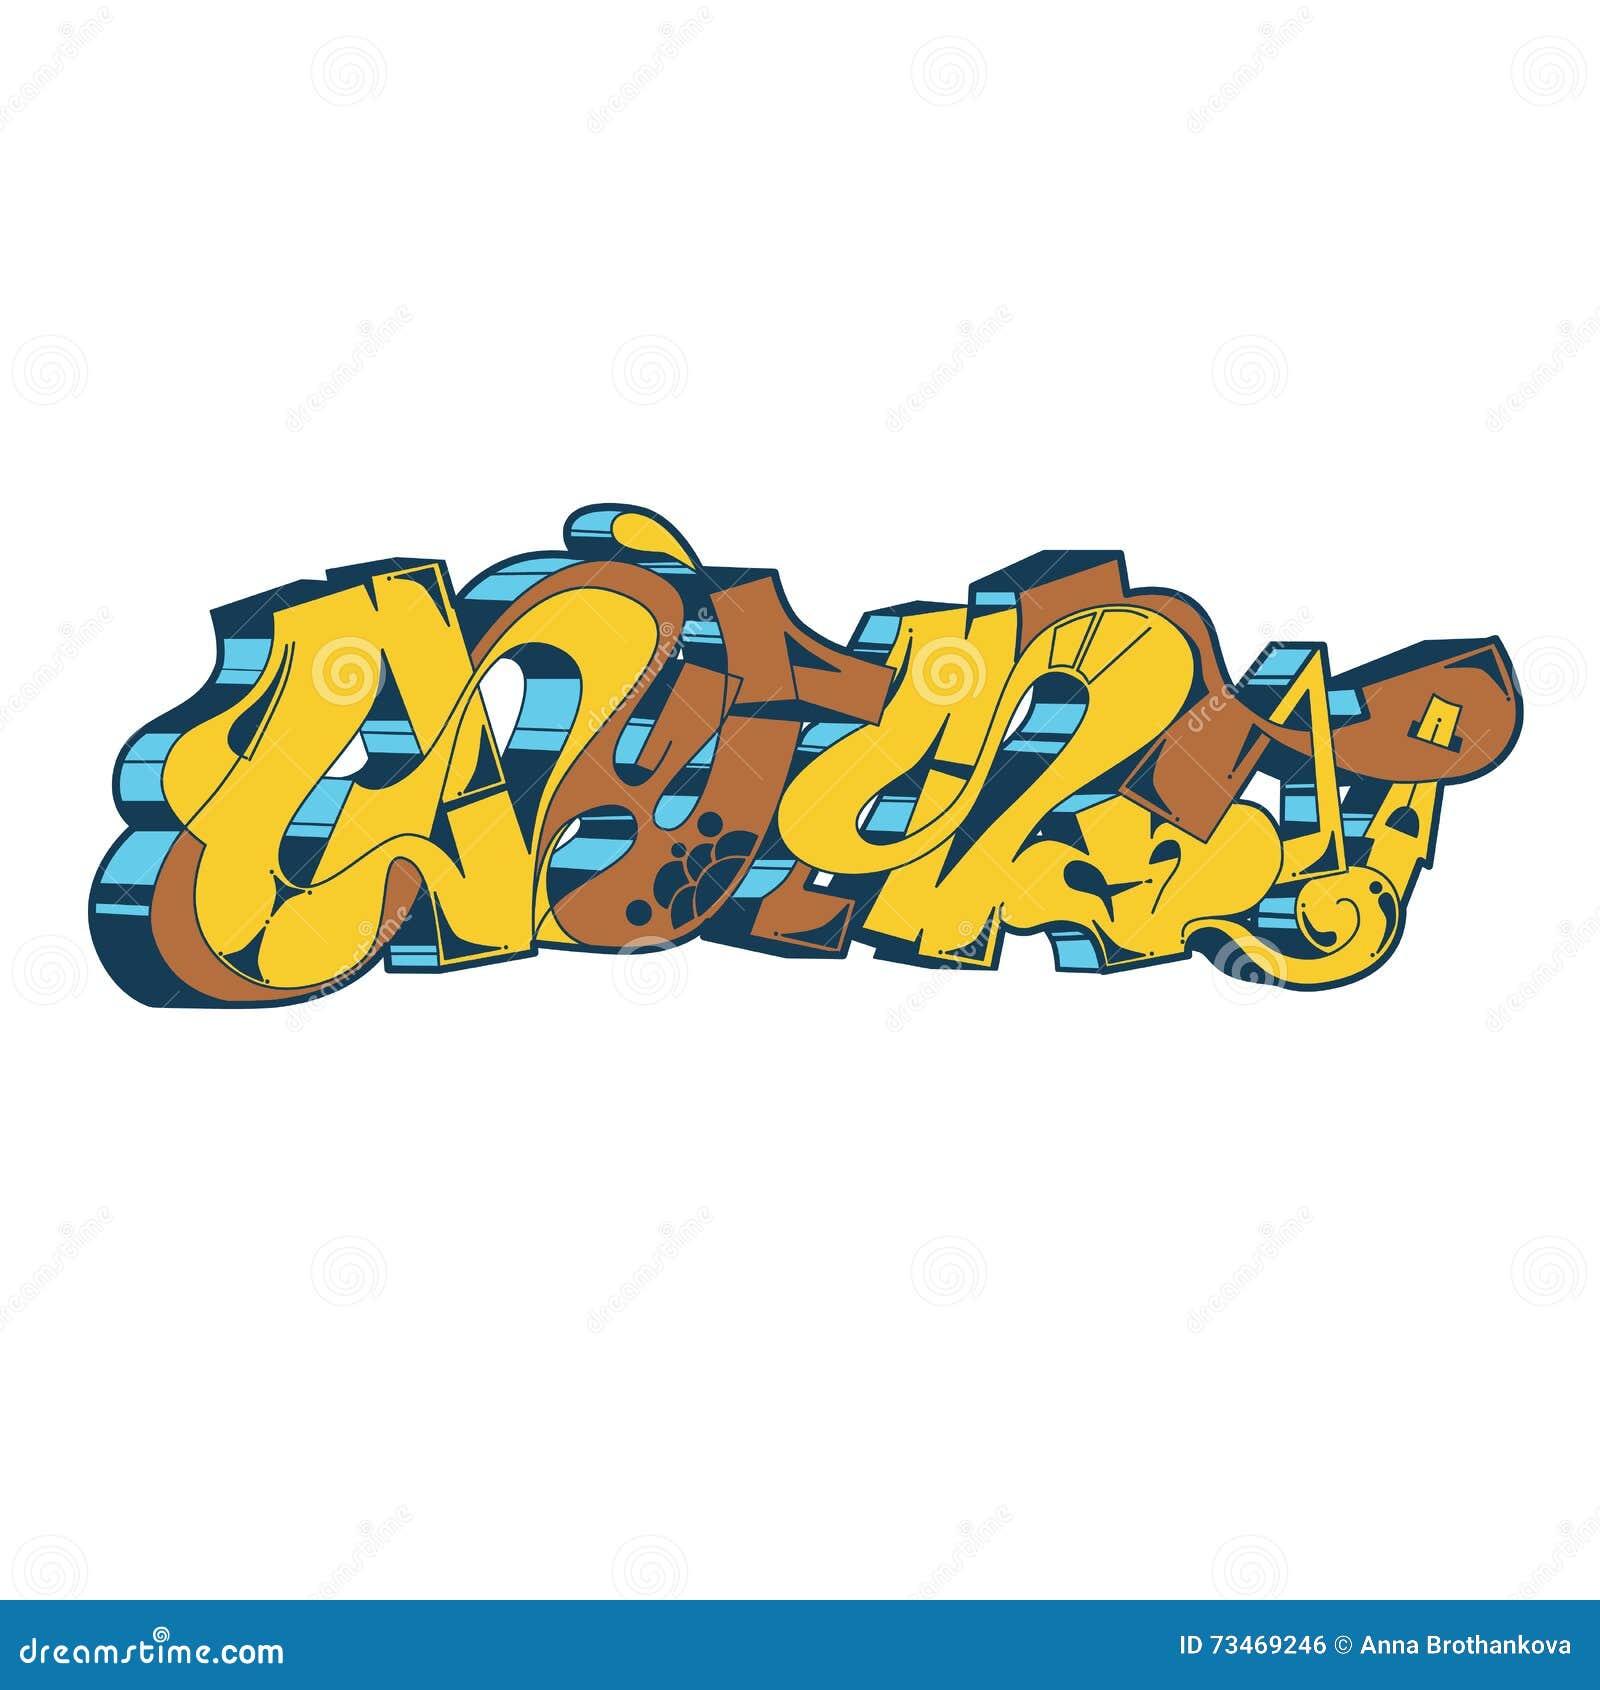 Graffiti Vector Urban Art Stock Vector Image 73469246